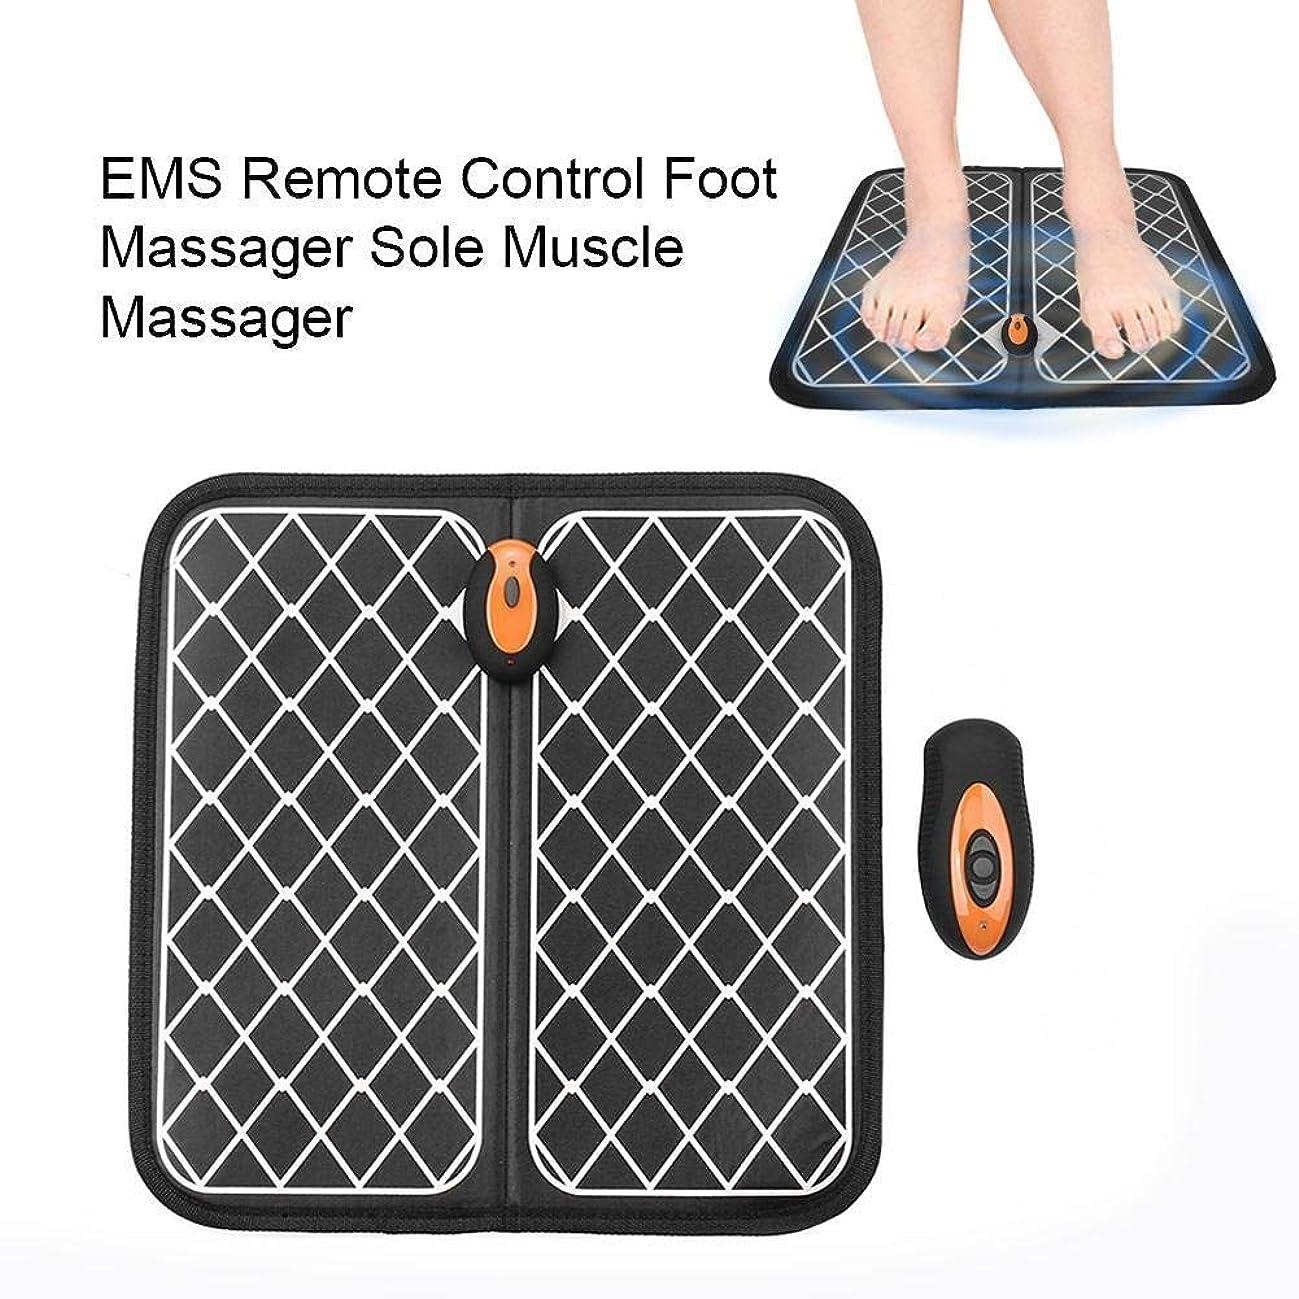 老人削除する倍増EMSリモートコントロールフットマッサージャーマットフットトリートメント、マッサージ用インテリジェント理学療法マッサージ器、痛みを緩和、疲労を軽減